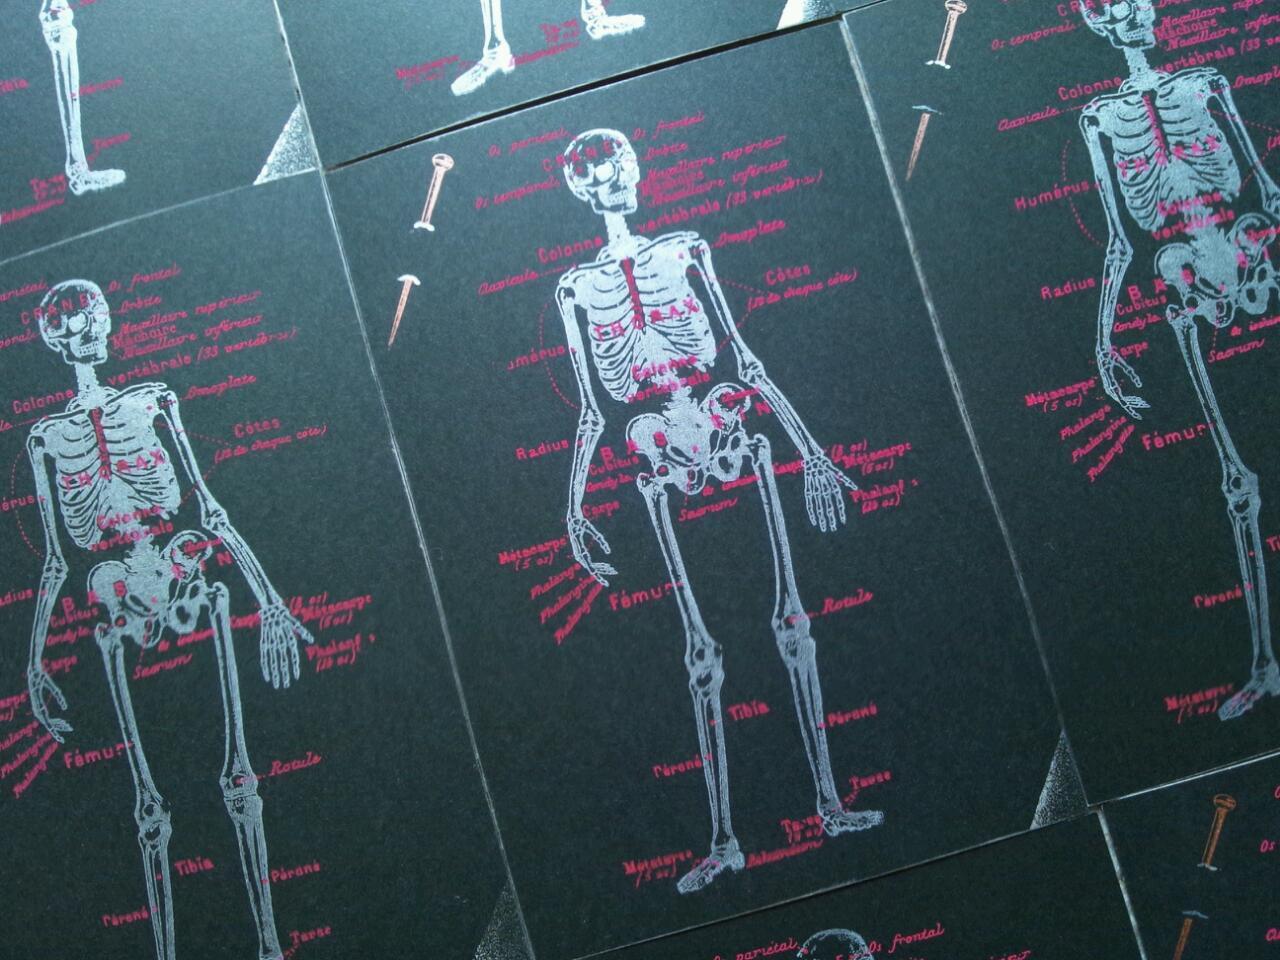 【タコシェ】ポストカード「人体」入荷!